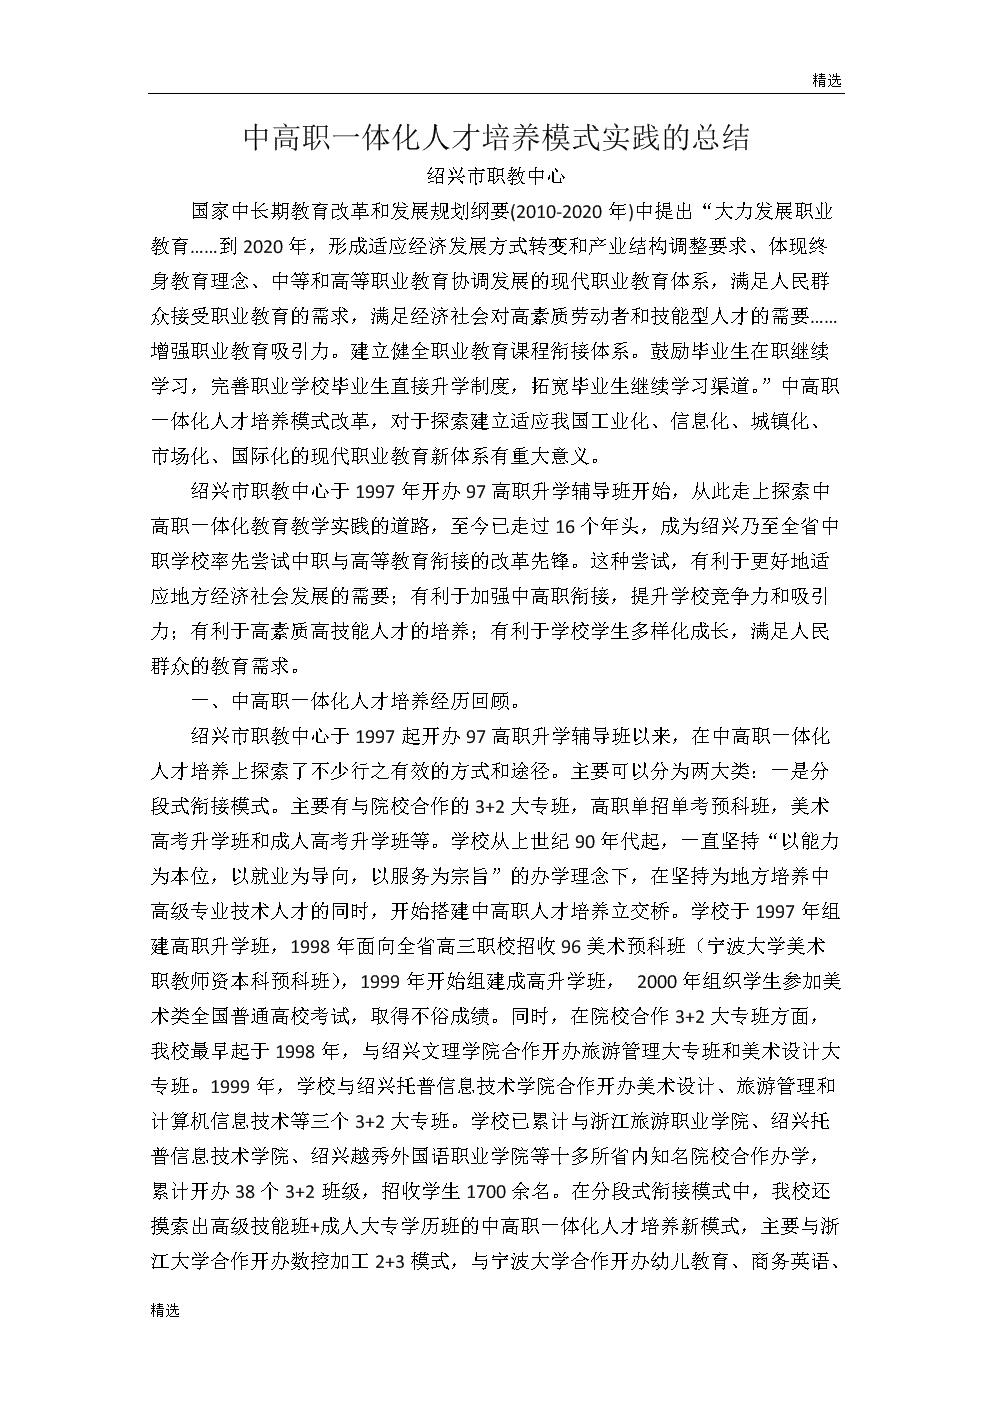 强烈推荐中高职一体化总结.doc